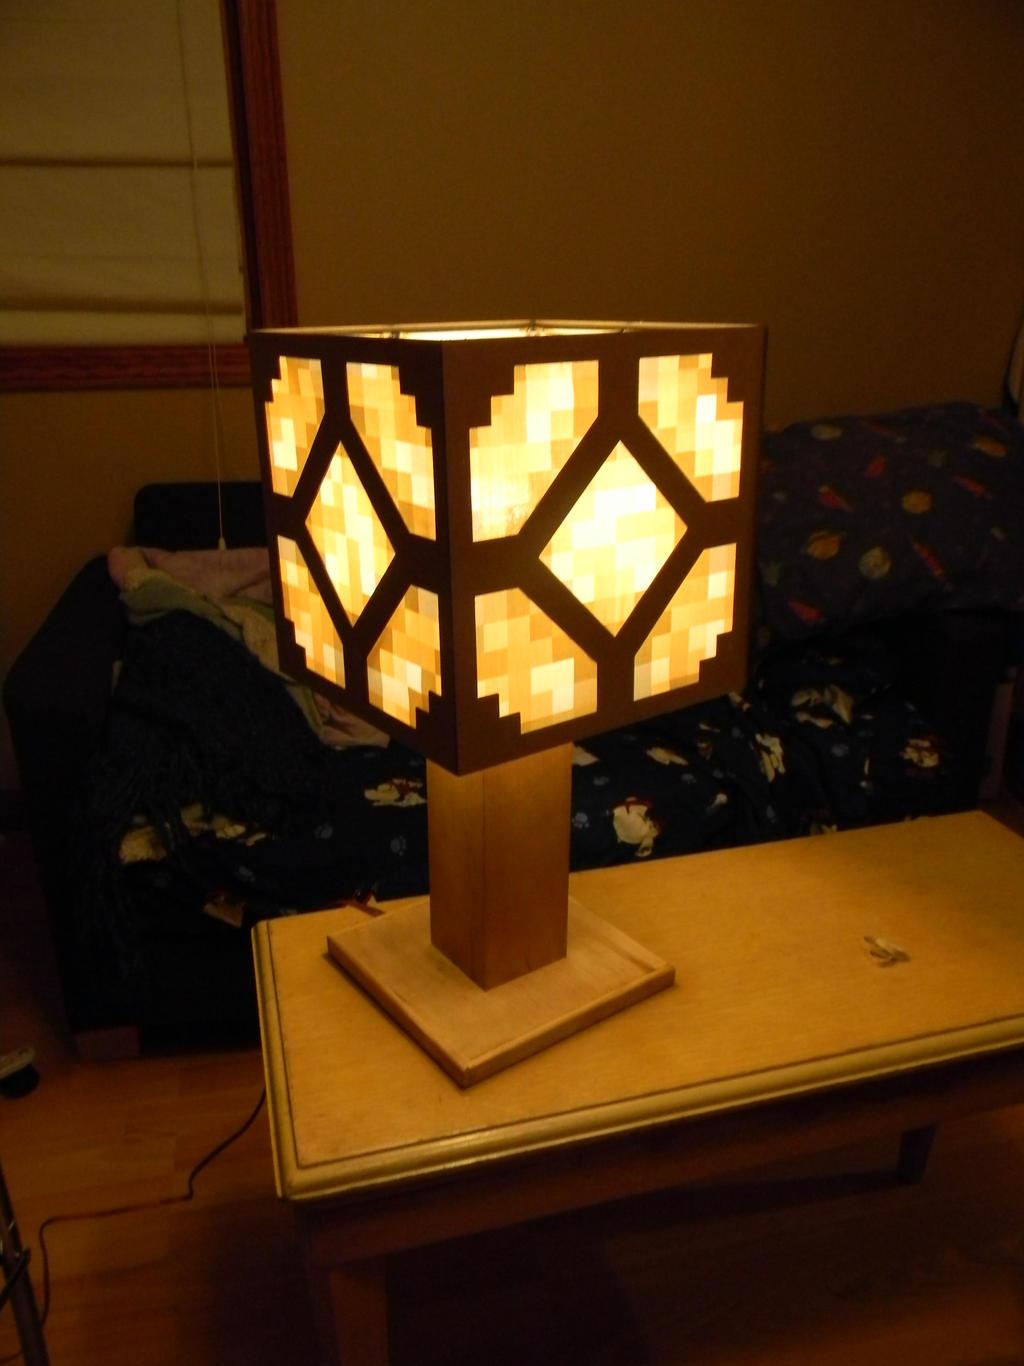 Redstone Lamp Minecraft By Veykava On DeviantArt